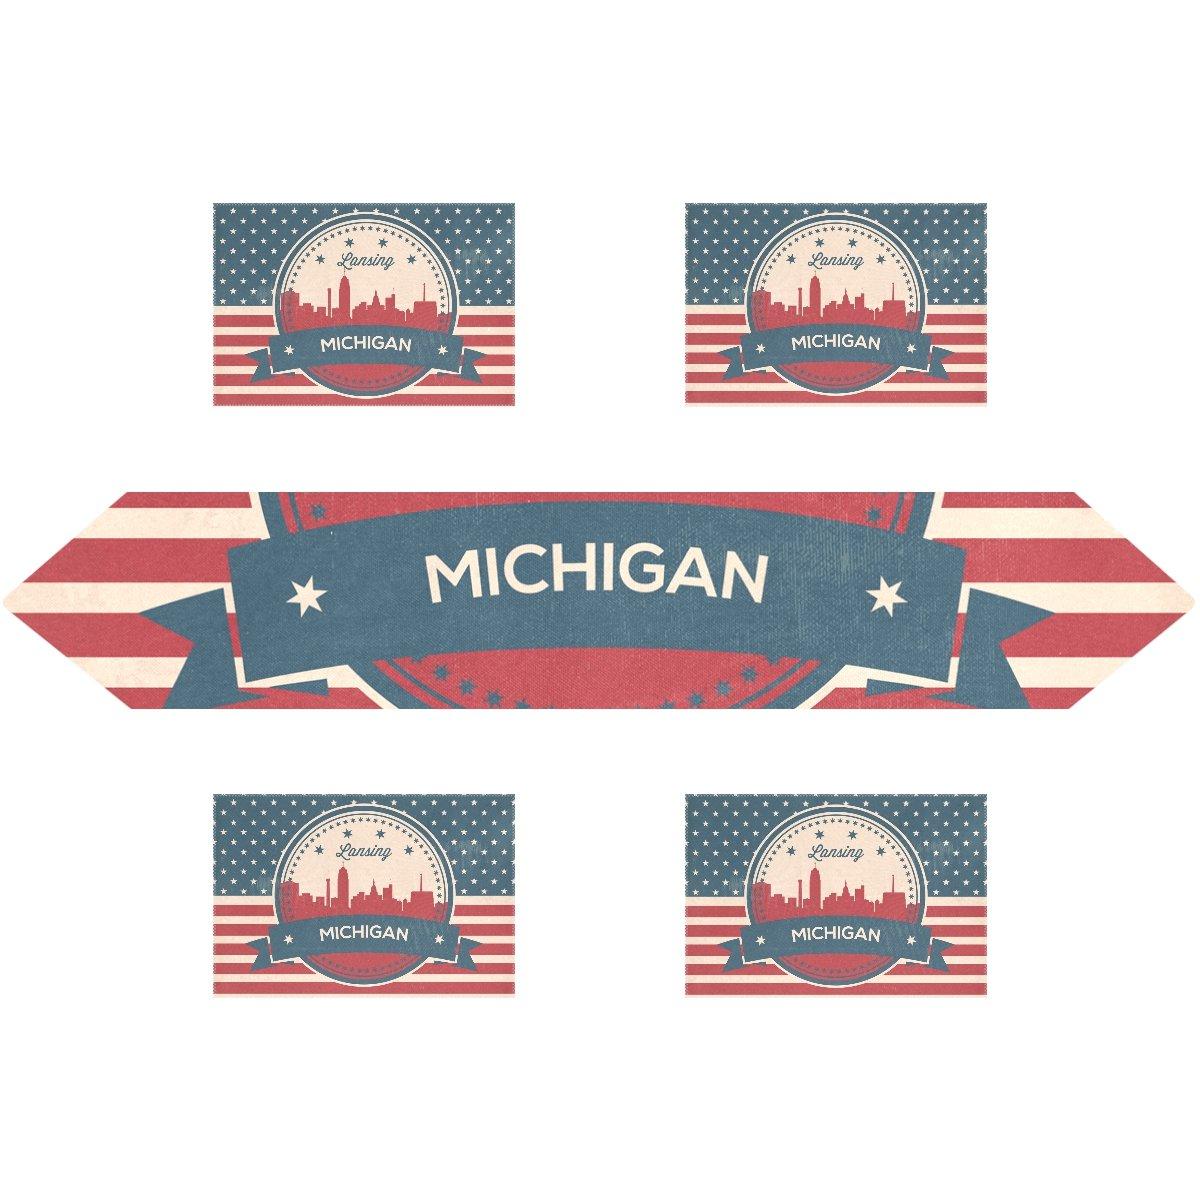 ヴィンテージAmerican Flag Michigan State Lansing Skyline長方形テーブルランナー13 x 70インチwithプレースマットテーブルマット12 x 18インチの4のセット、結婚式、パーティー、ディナー、夏&ピクニックの国アウトドアホーム 13x90(in) & 12x18x4(in) ホワイト g1378330p172c202s296 13x90(in) & 12x18x4(in)  B076C559F1